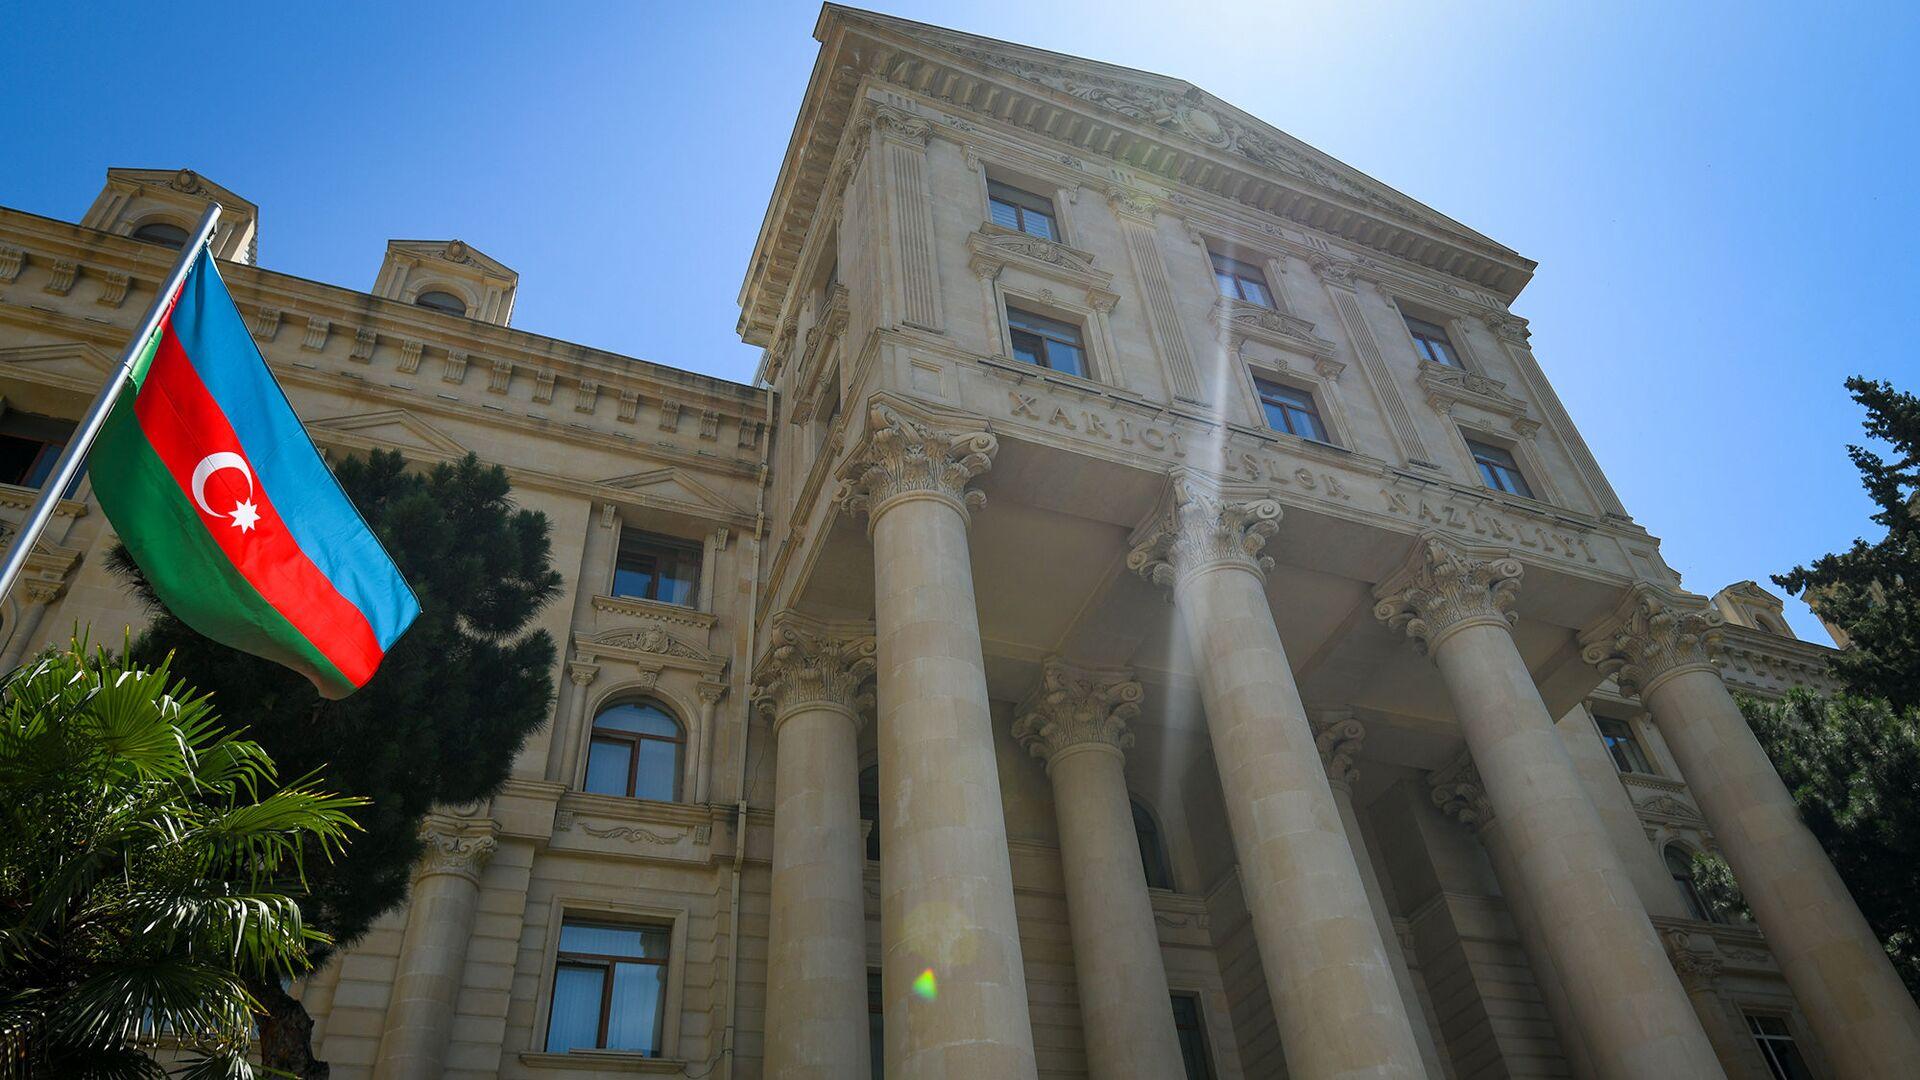 Здание Министерства иностранных дел Азербайджанской Республики в Баку - Sputnik Азербайджан, 1920, 27.09.2021